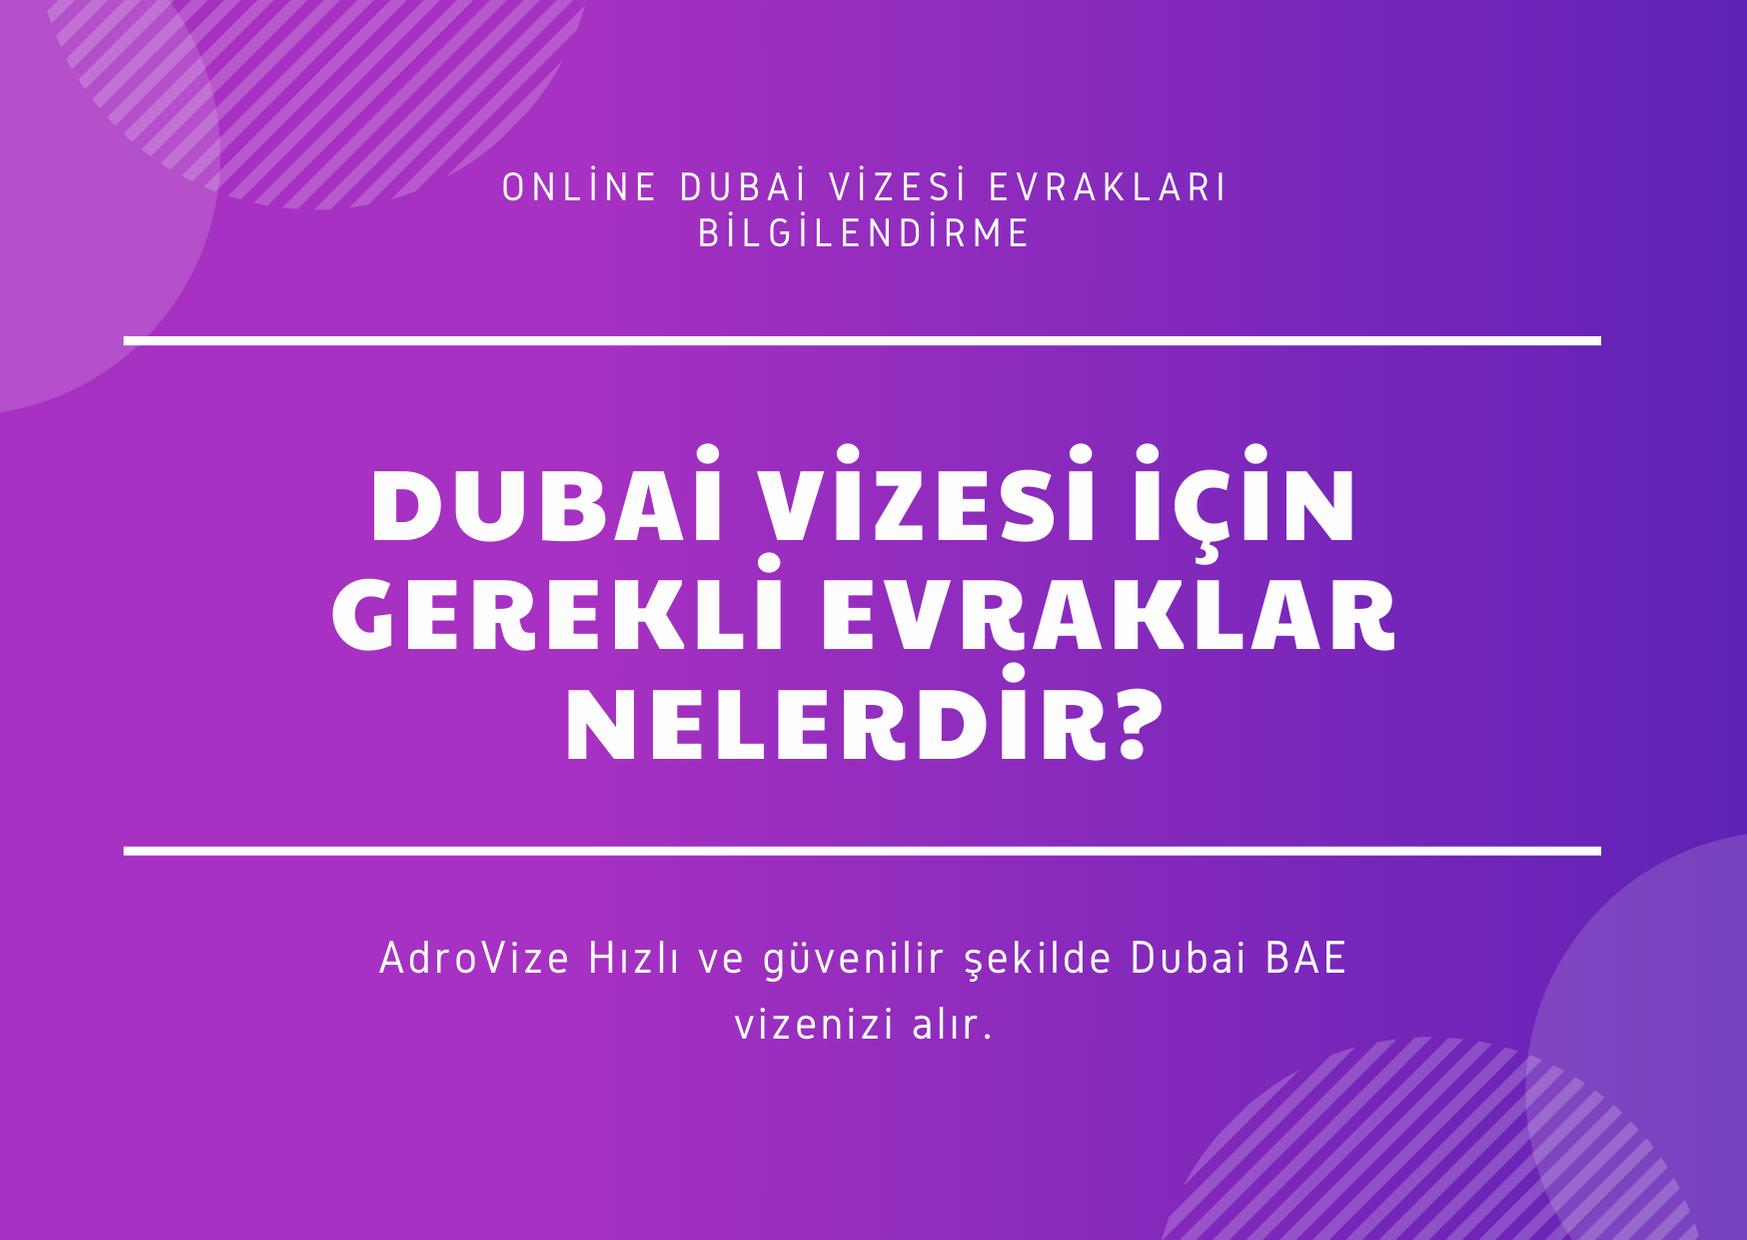 Dubai Vizesi İçin Gerekli Evraklar Nelerdir?